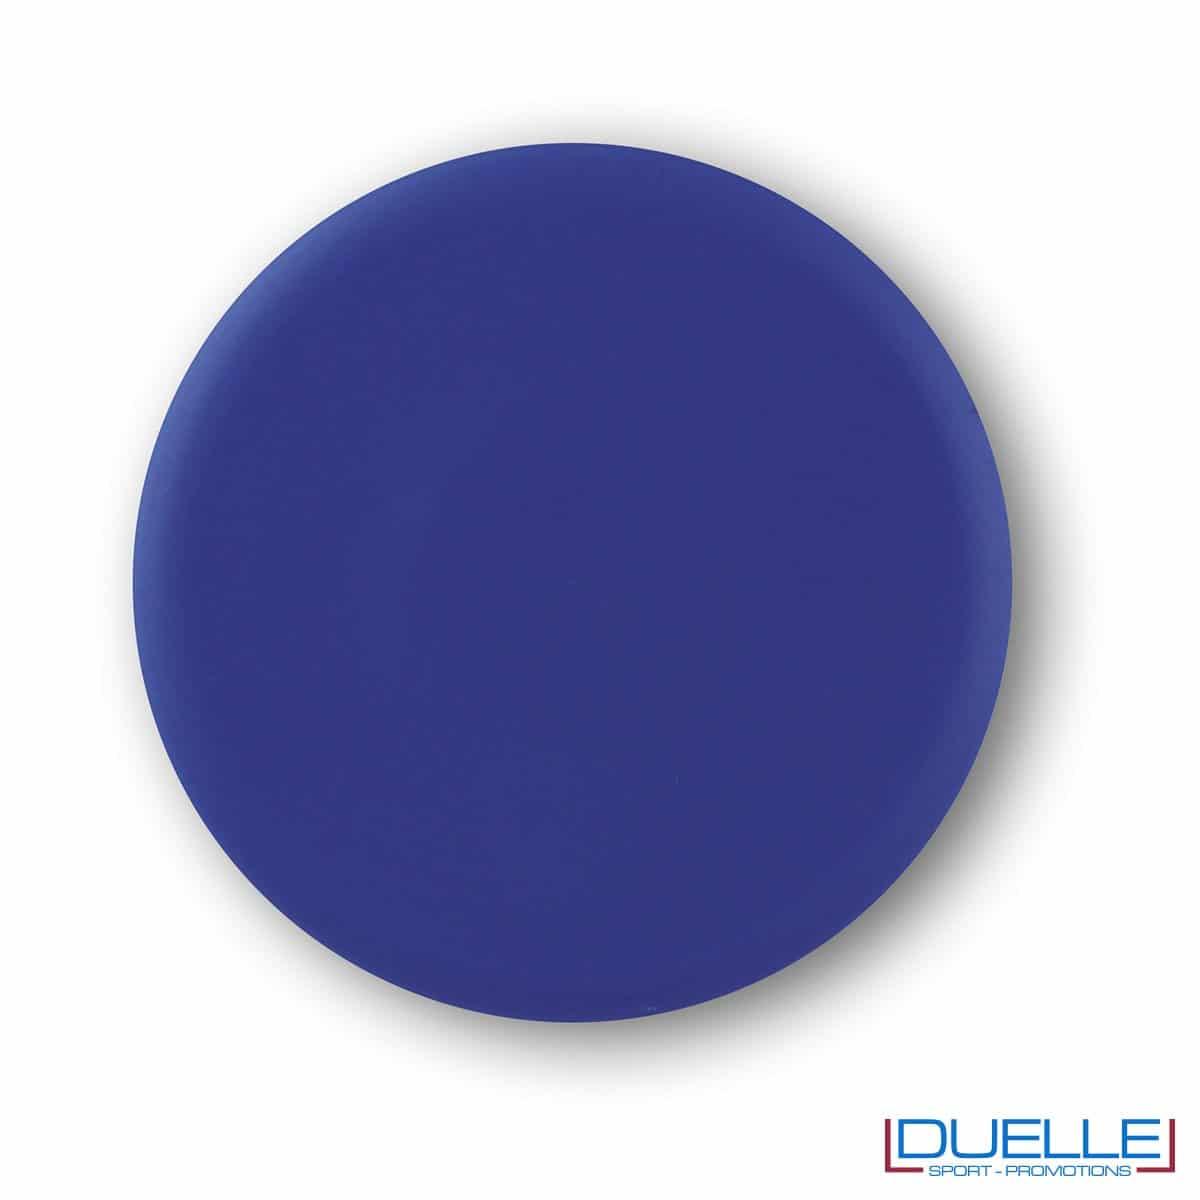 Avvolgicavo personalizzato colore blu